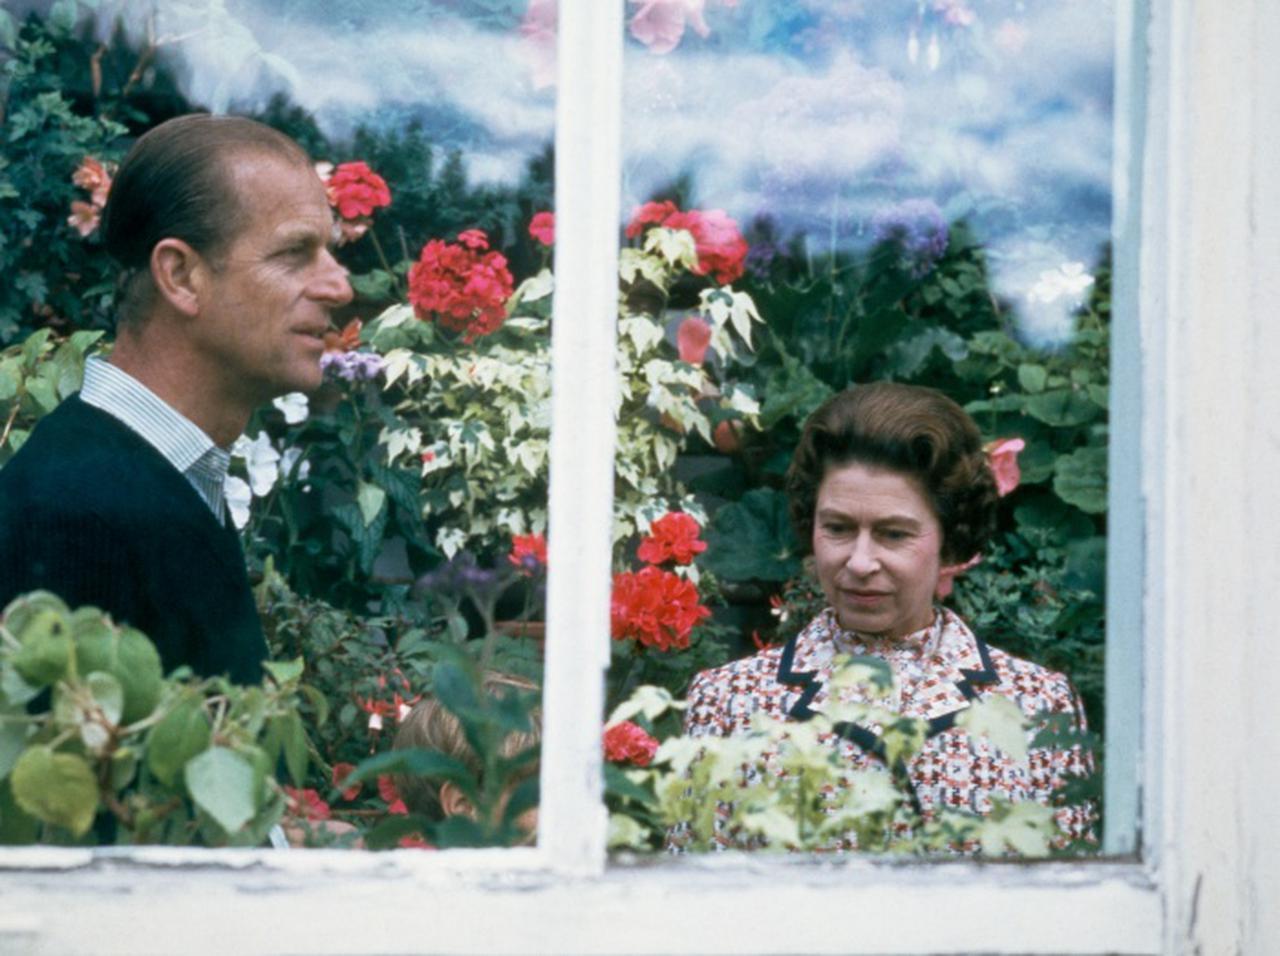 """画像: エリザベス女王、73年連れ添った夫に書いた「最後の手紙」がまさに""""真実の愛"""" - フロントロウ -海外セレブ情報を発信"""